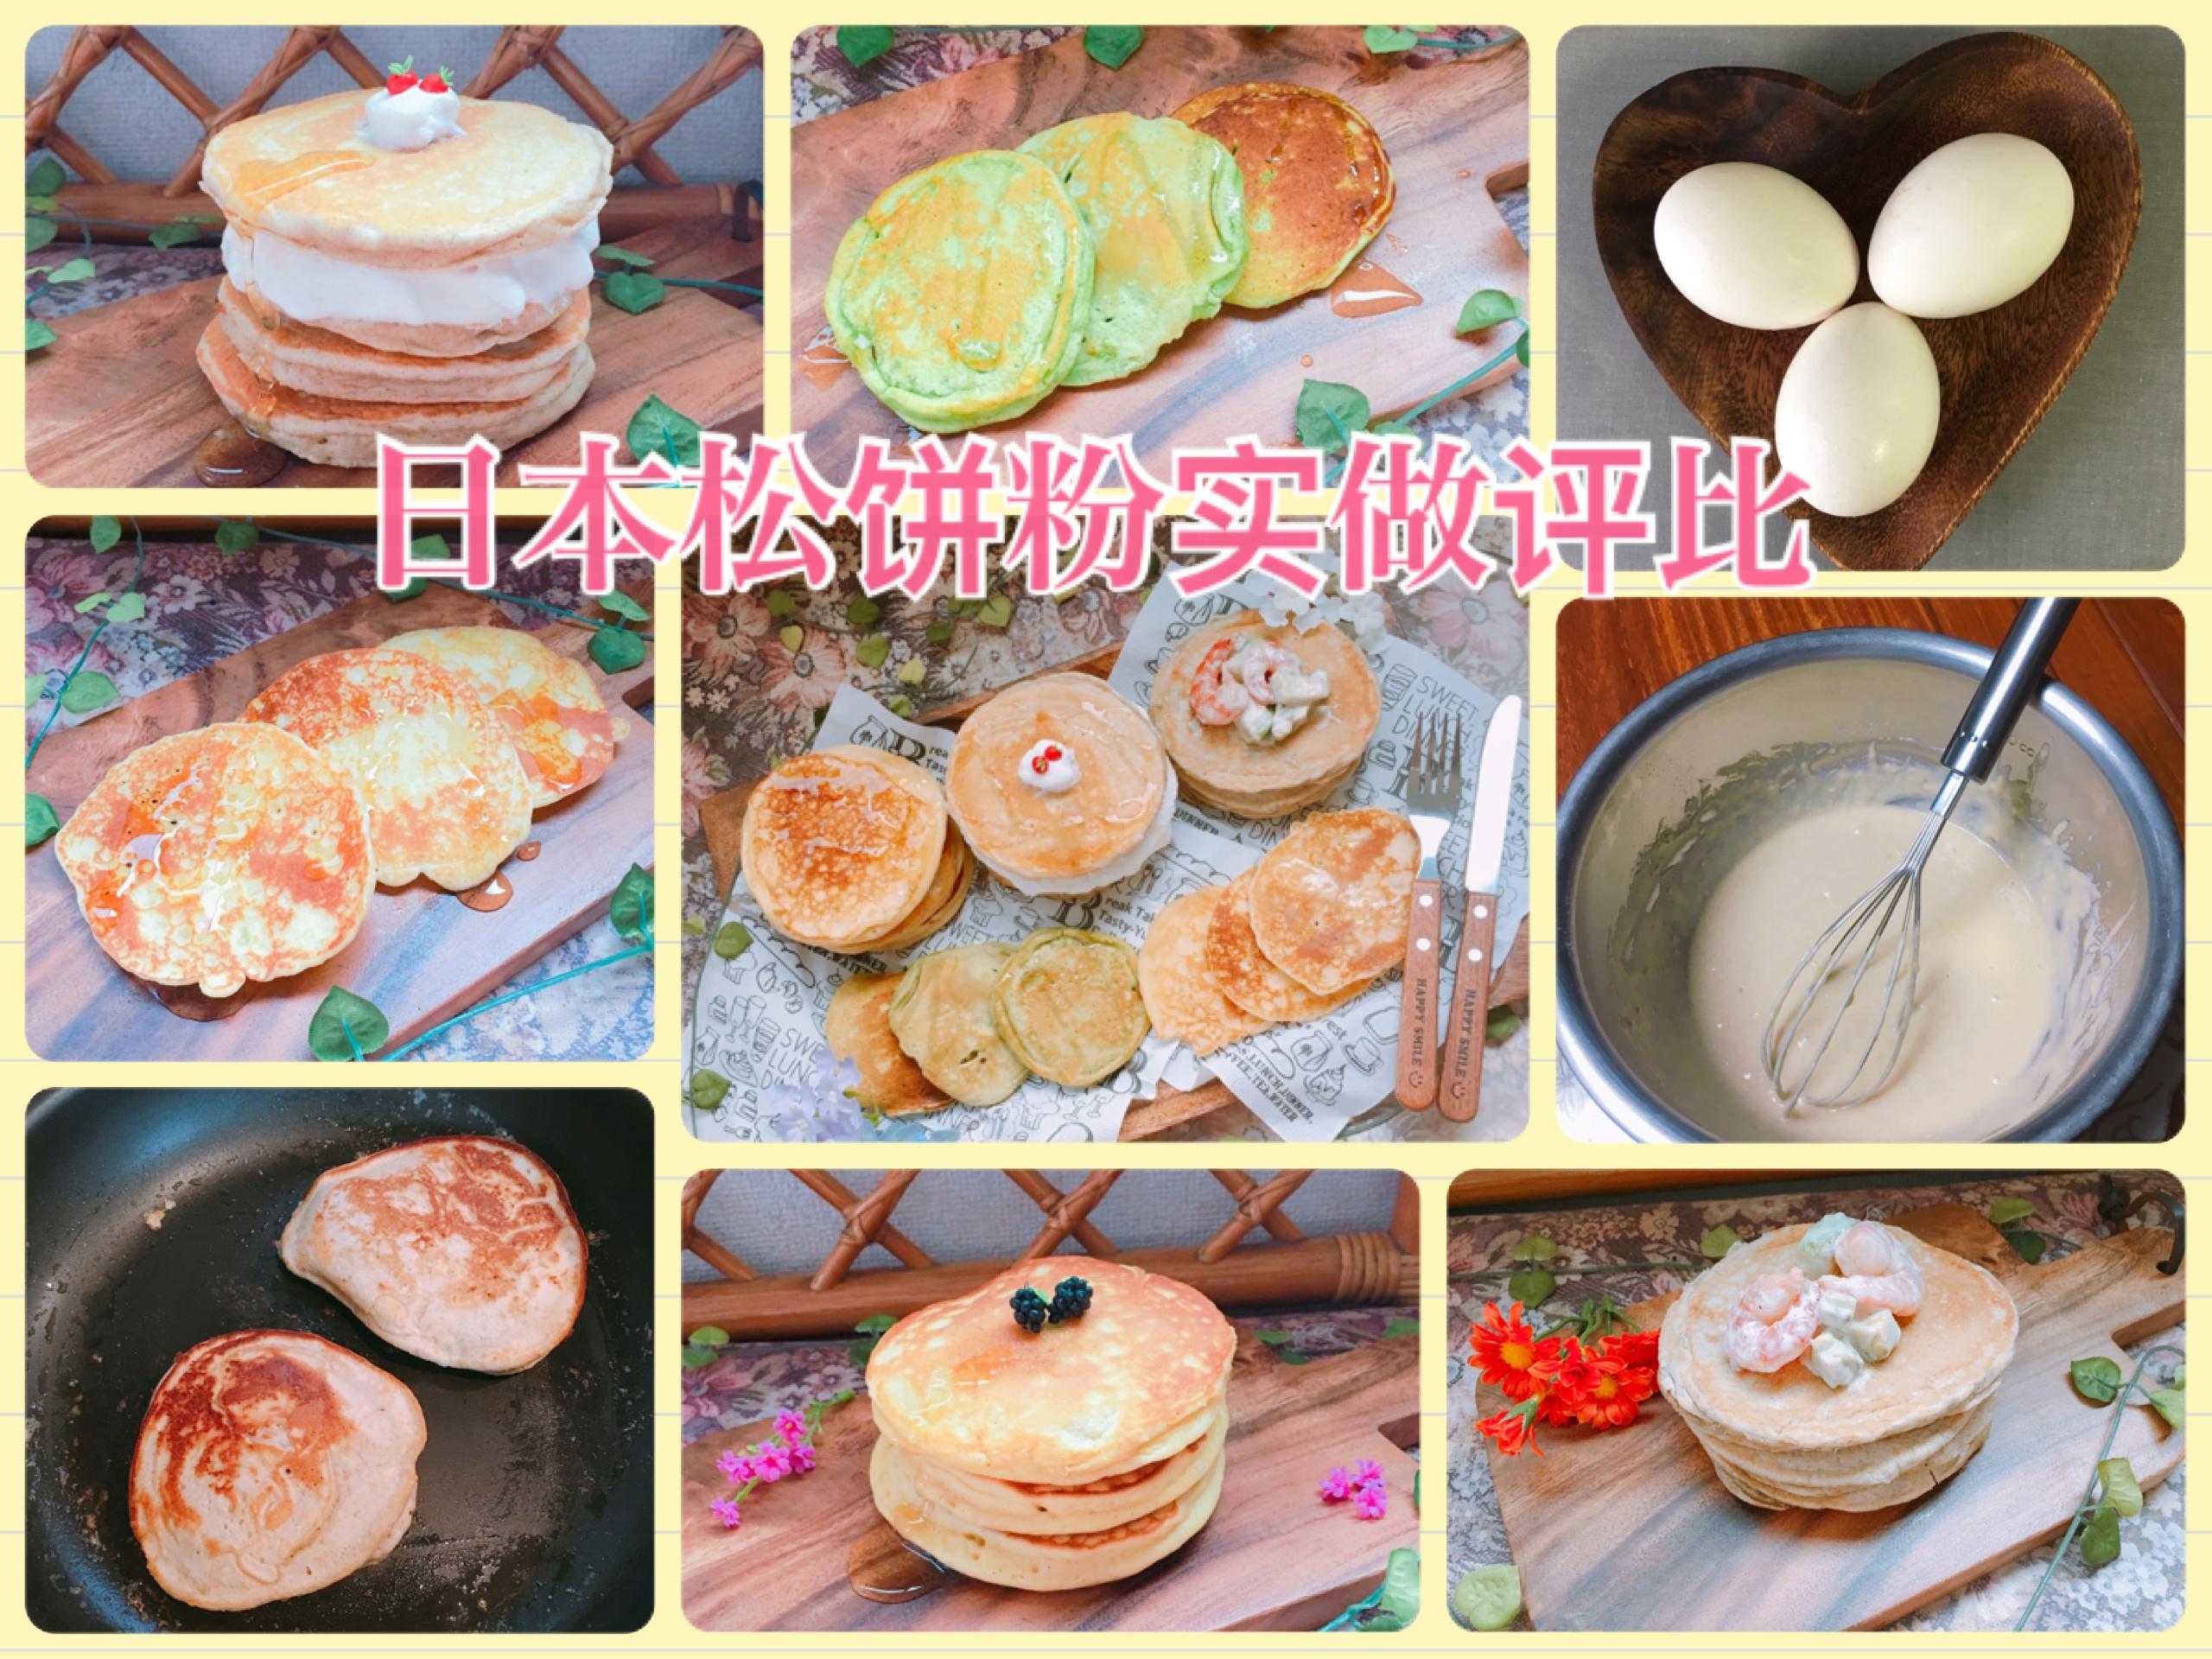 日本人气松饼粉实做评比